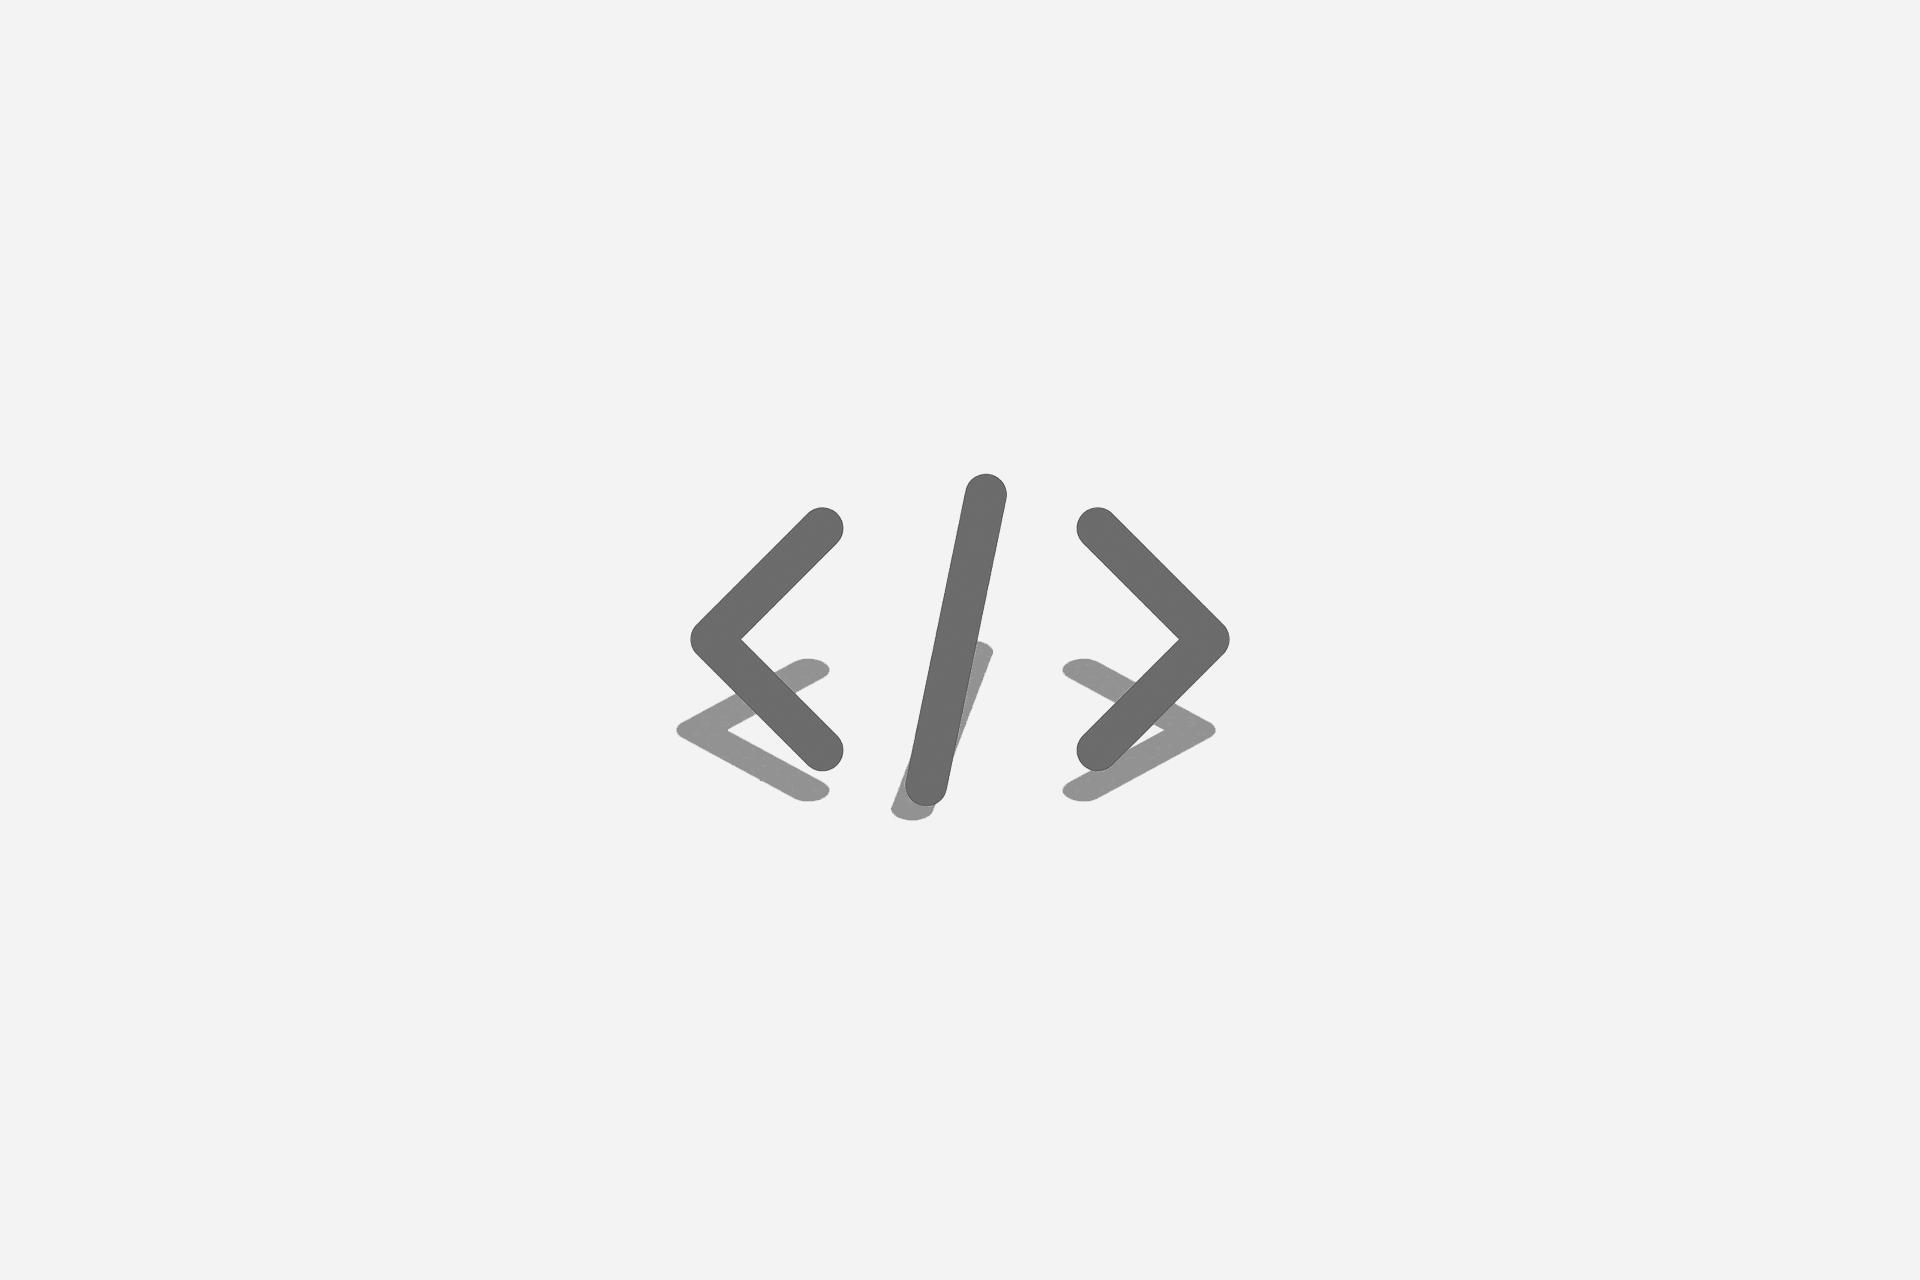 زبانهای برنامهنویسی که در سال 2021 حکمرانی خواهند کرد